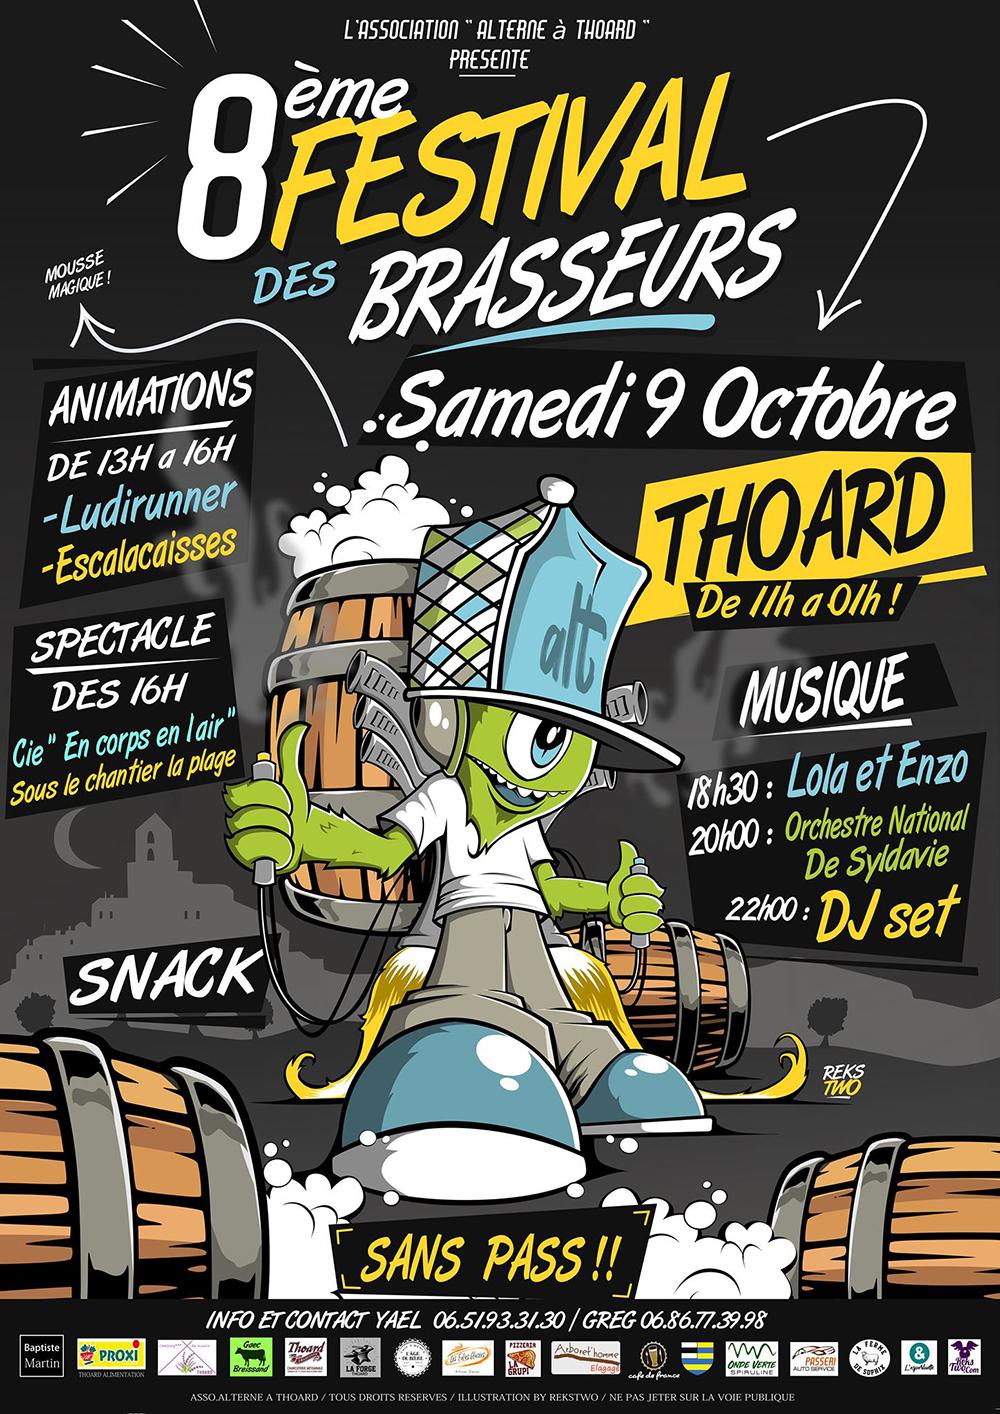 C'est la fête à Thoard : 8ème Festival des brasseurs